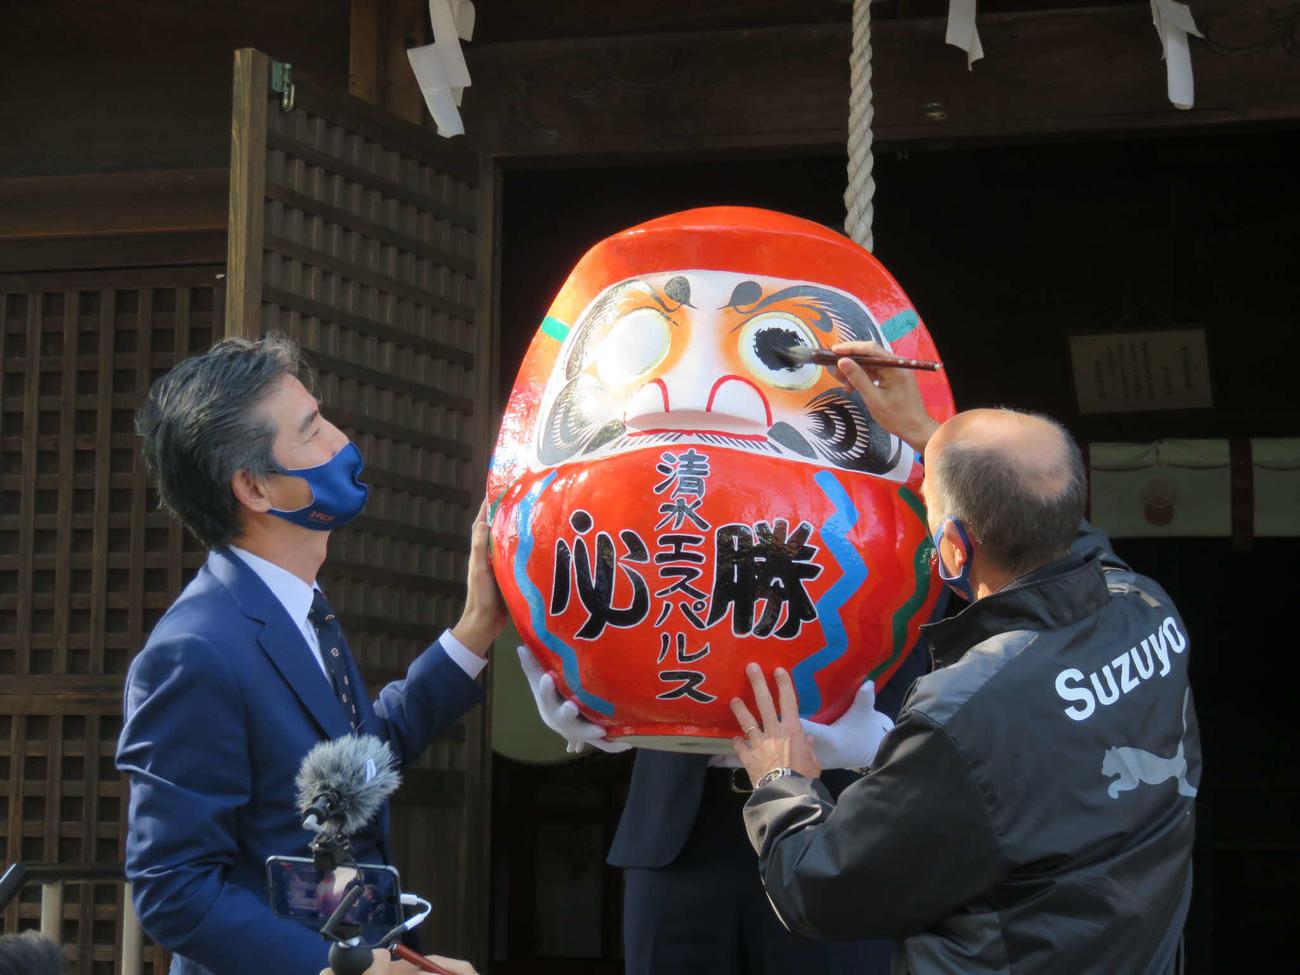 静岡市内の神社を訪れた清水エスパルスのロティーナ監督(右)と山室晋也社長は、必勝ダルマに墨入れを行う